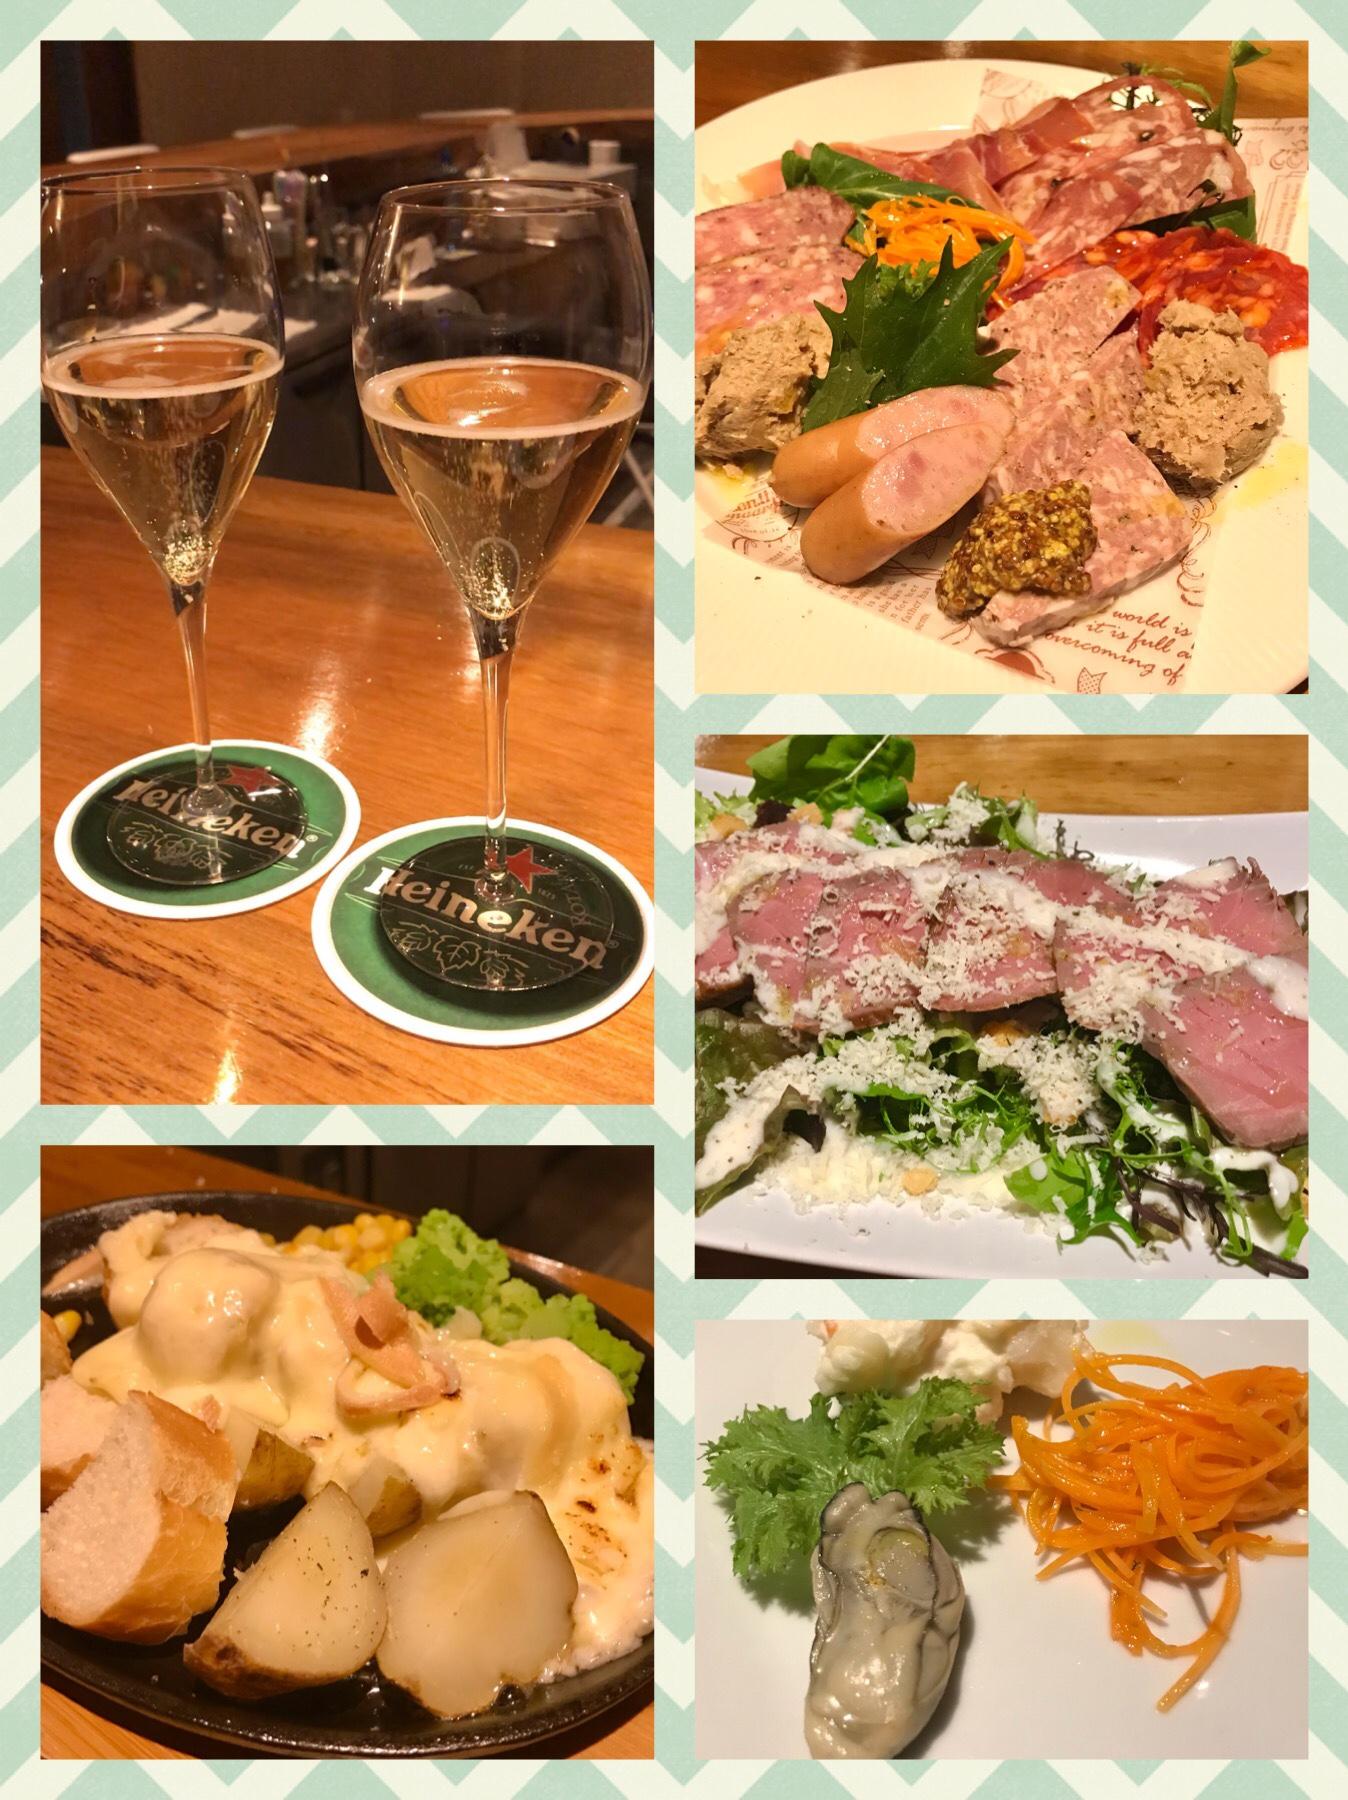 ルヴァンのワインと料理